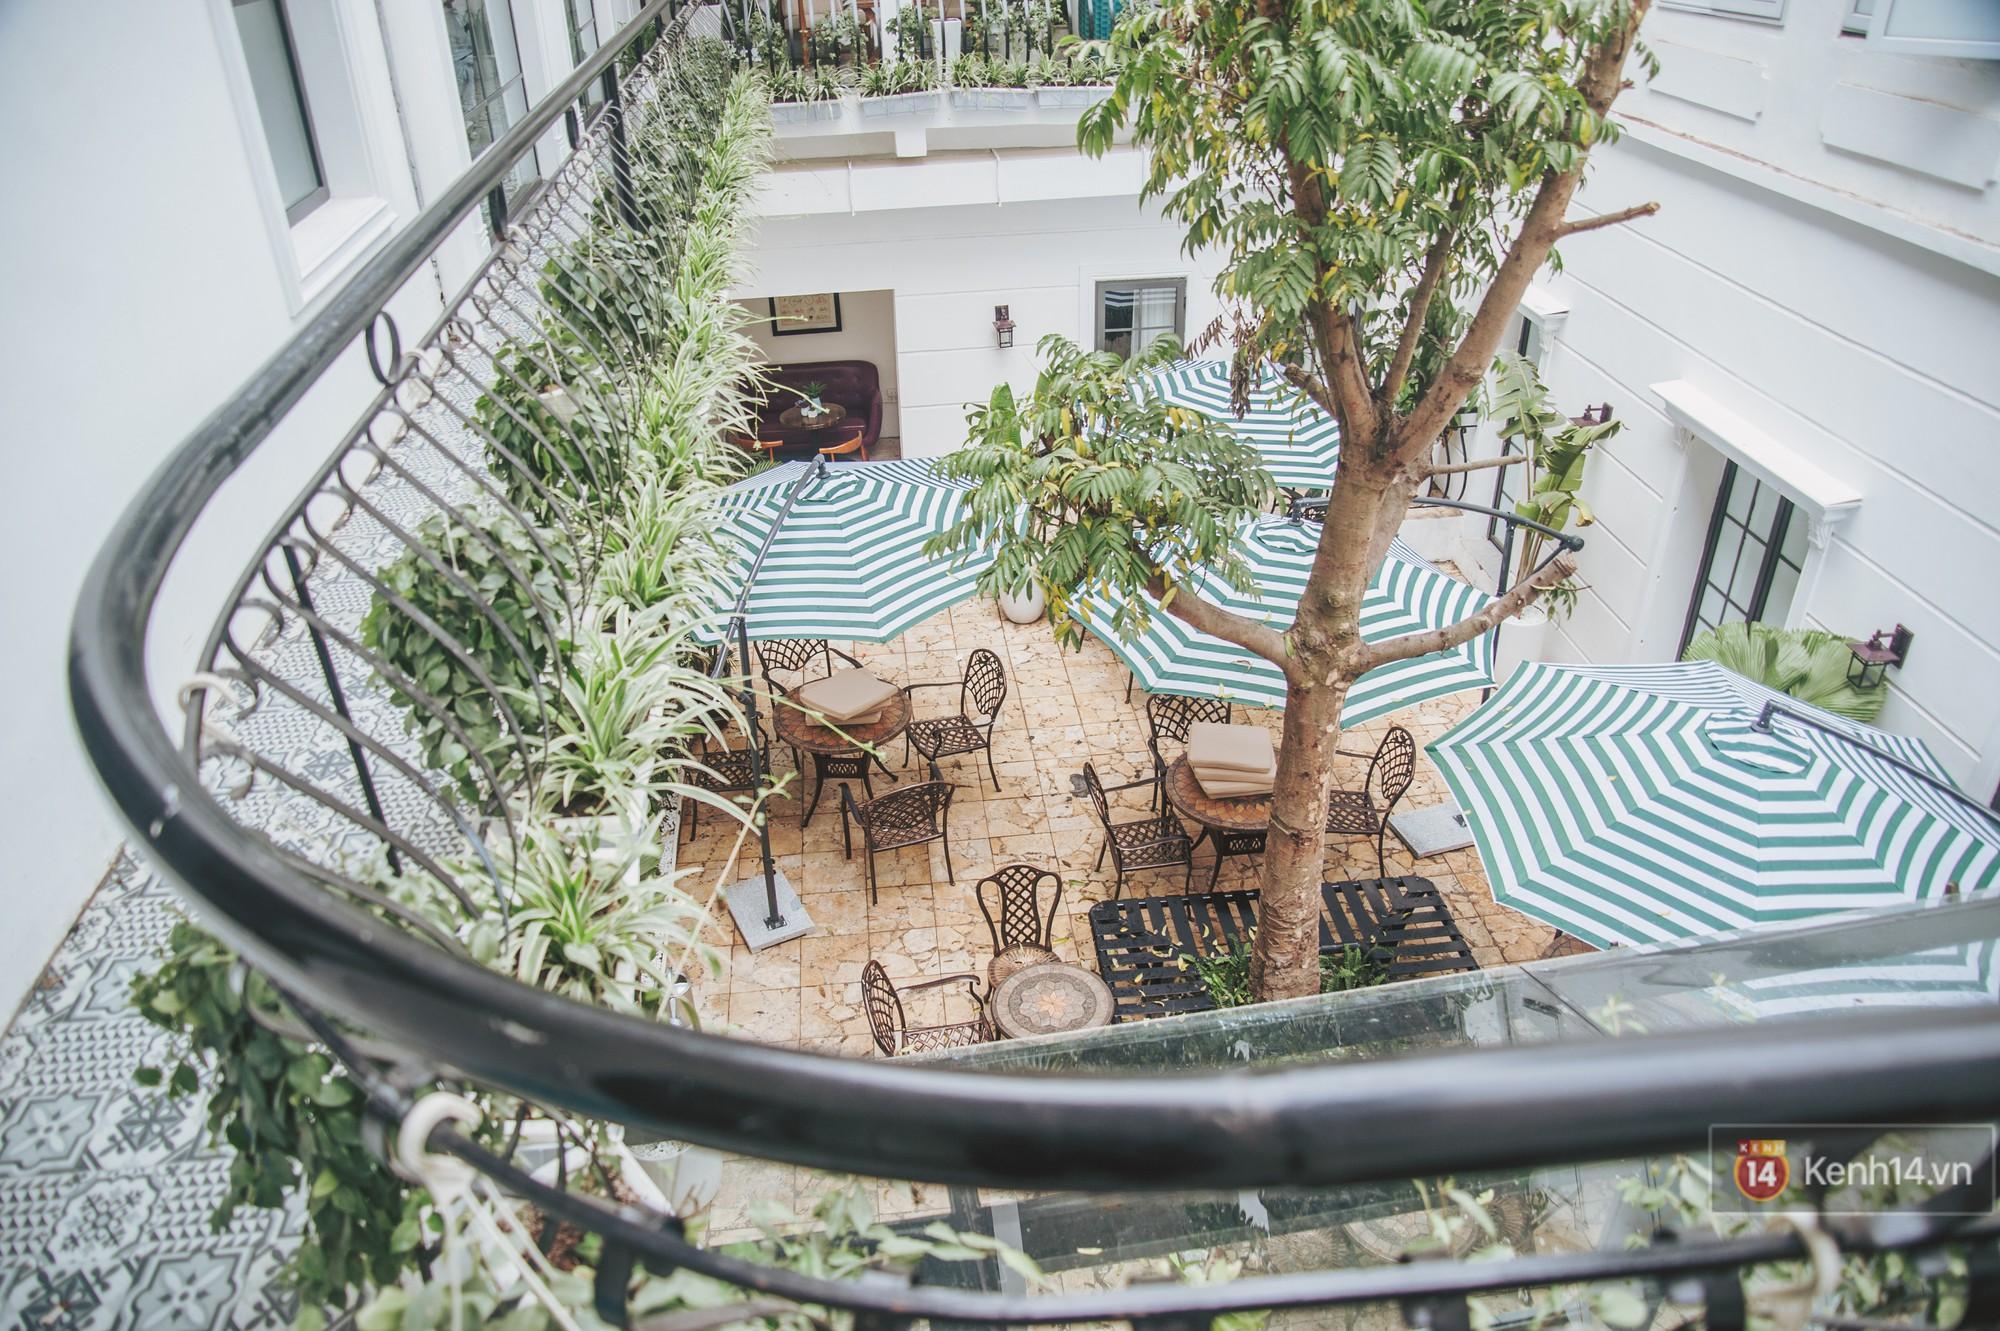 Review nhanh quán cafe rộng 2000m2 đang hot nhất Hà Nội dịp Tết này - Ảnh 3.